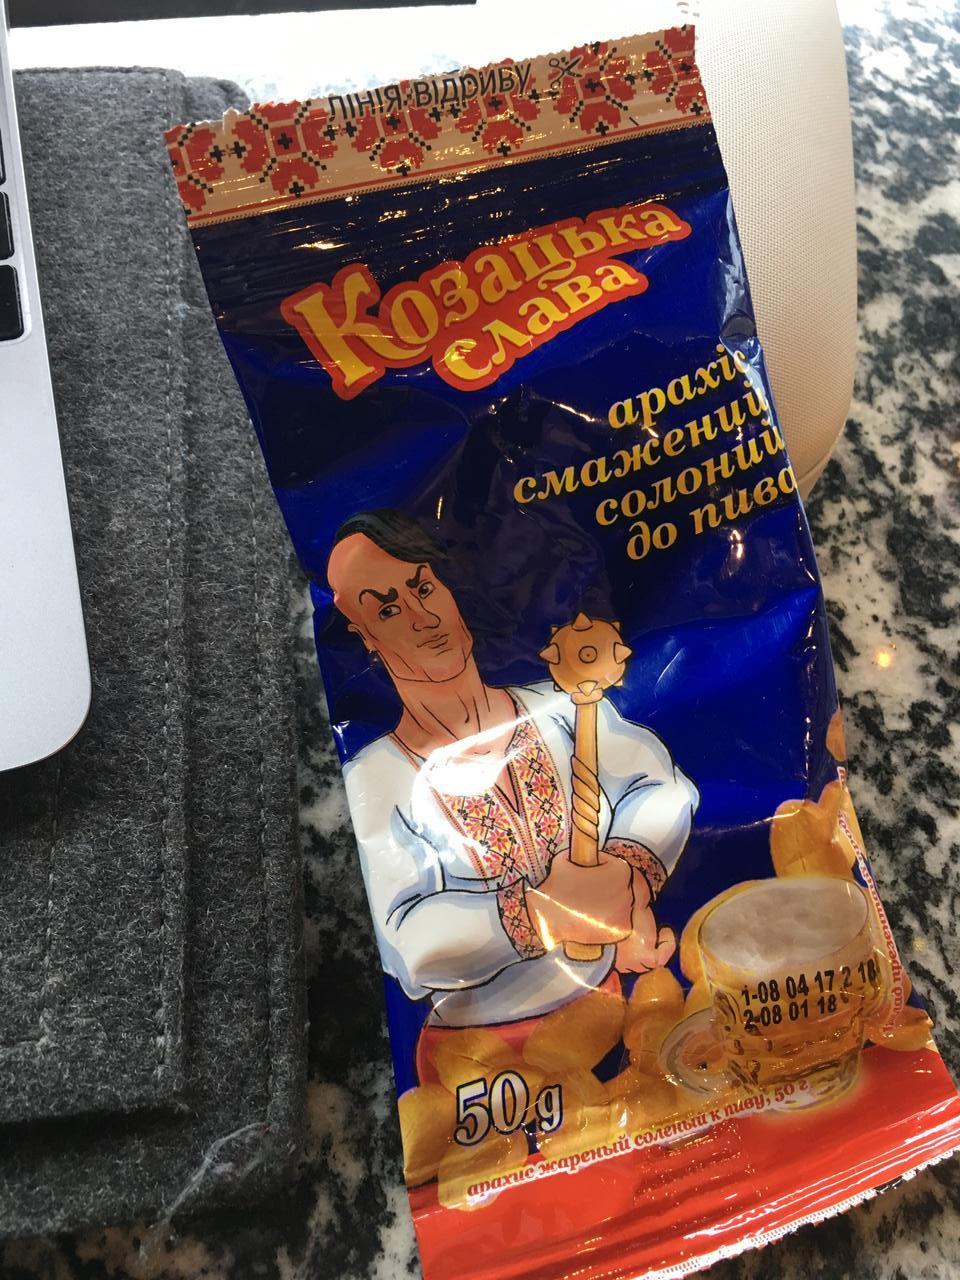 Kozatska Slava - Ukranian Peanuts